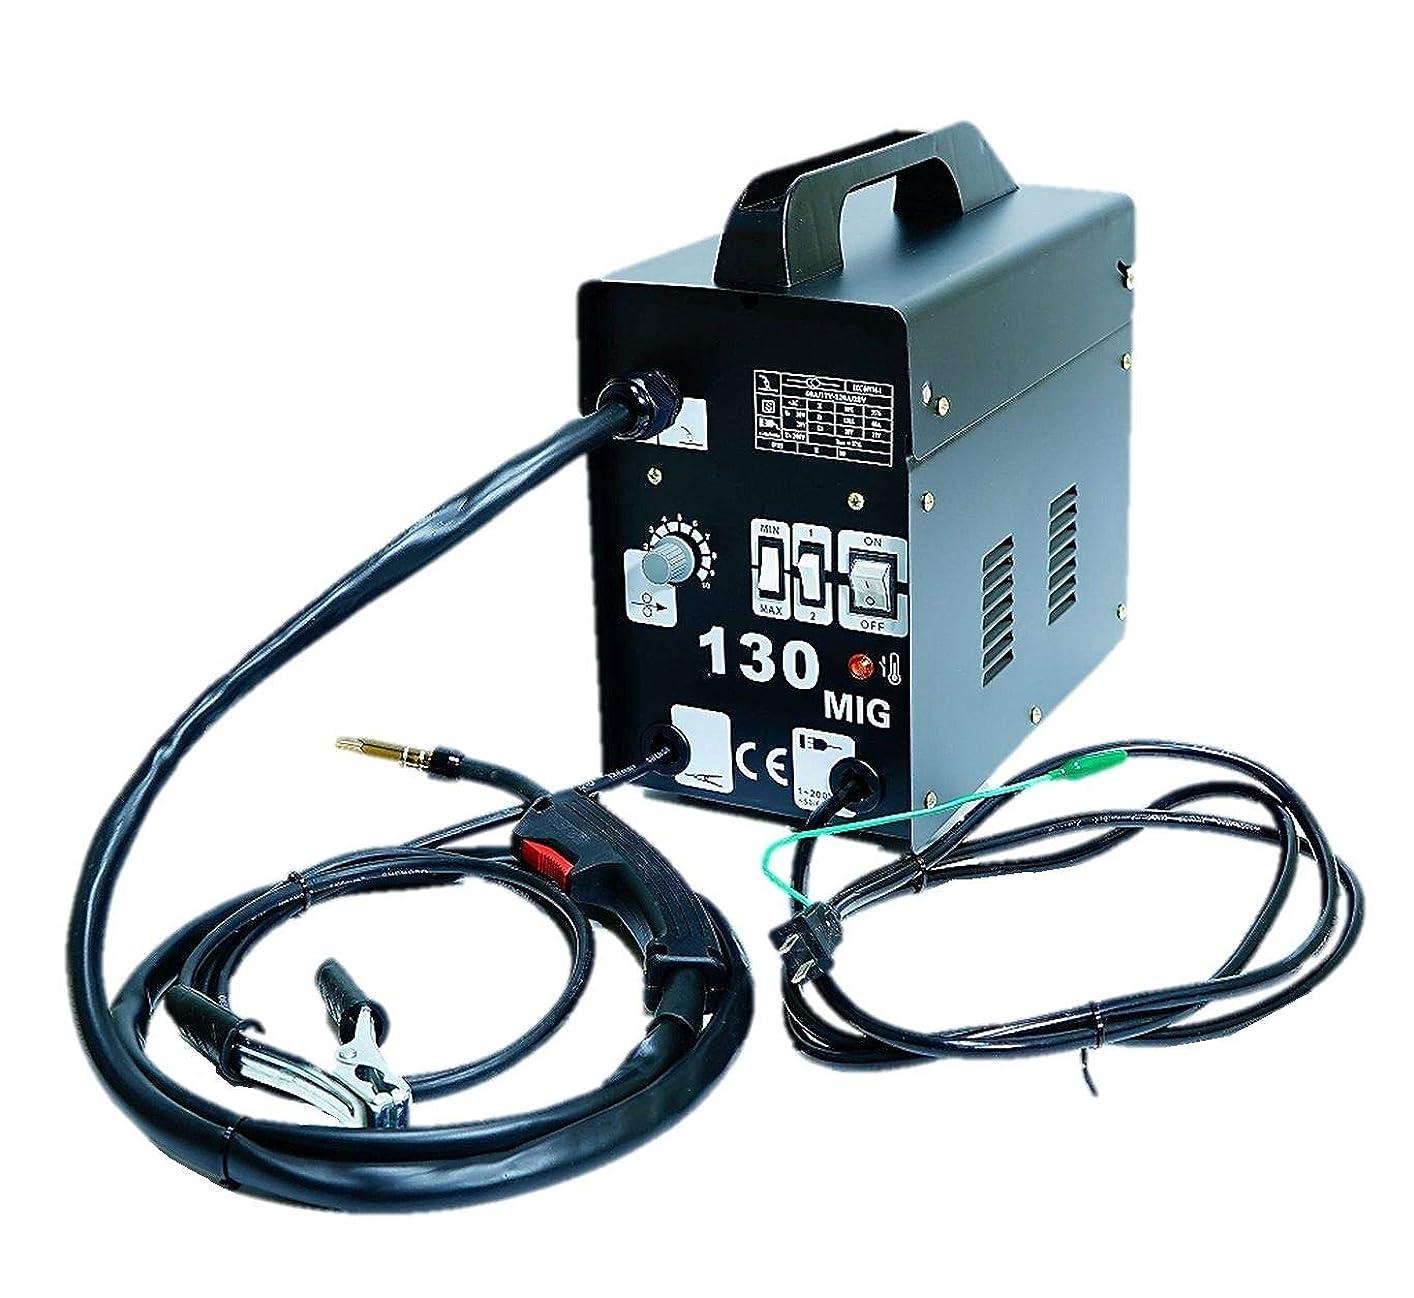 座標現象有益なガス不要な半自動溶接機 MIG130 単相100V ロングトーチケーブル仕様!鉄?ステンを御家庭でもお手軽に溶接!